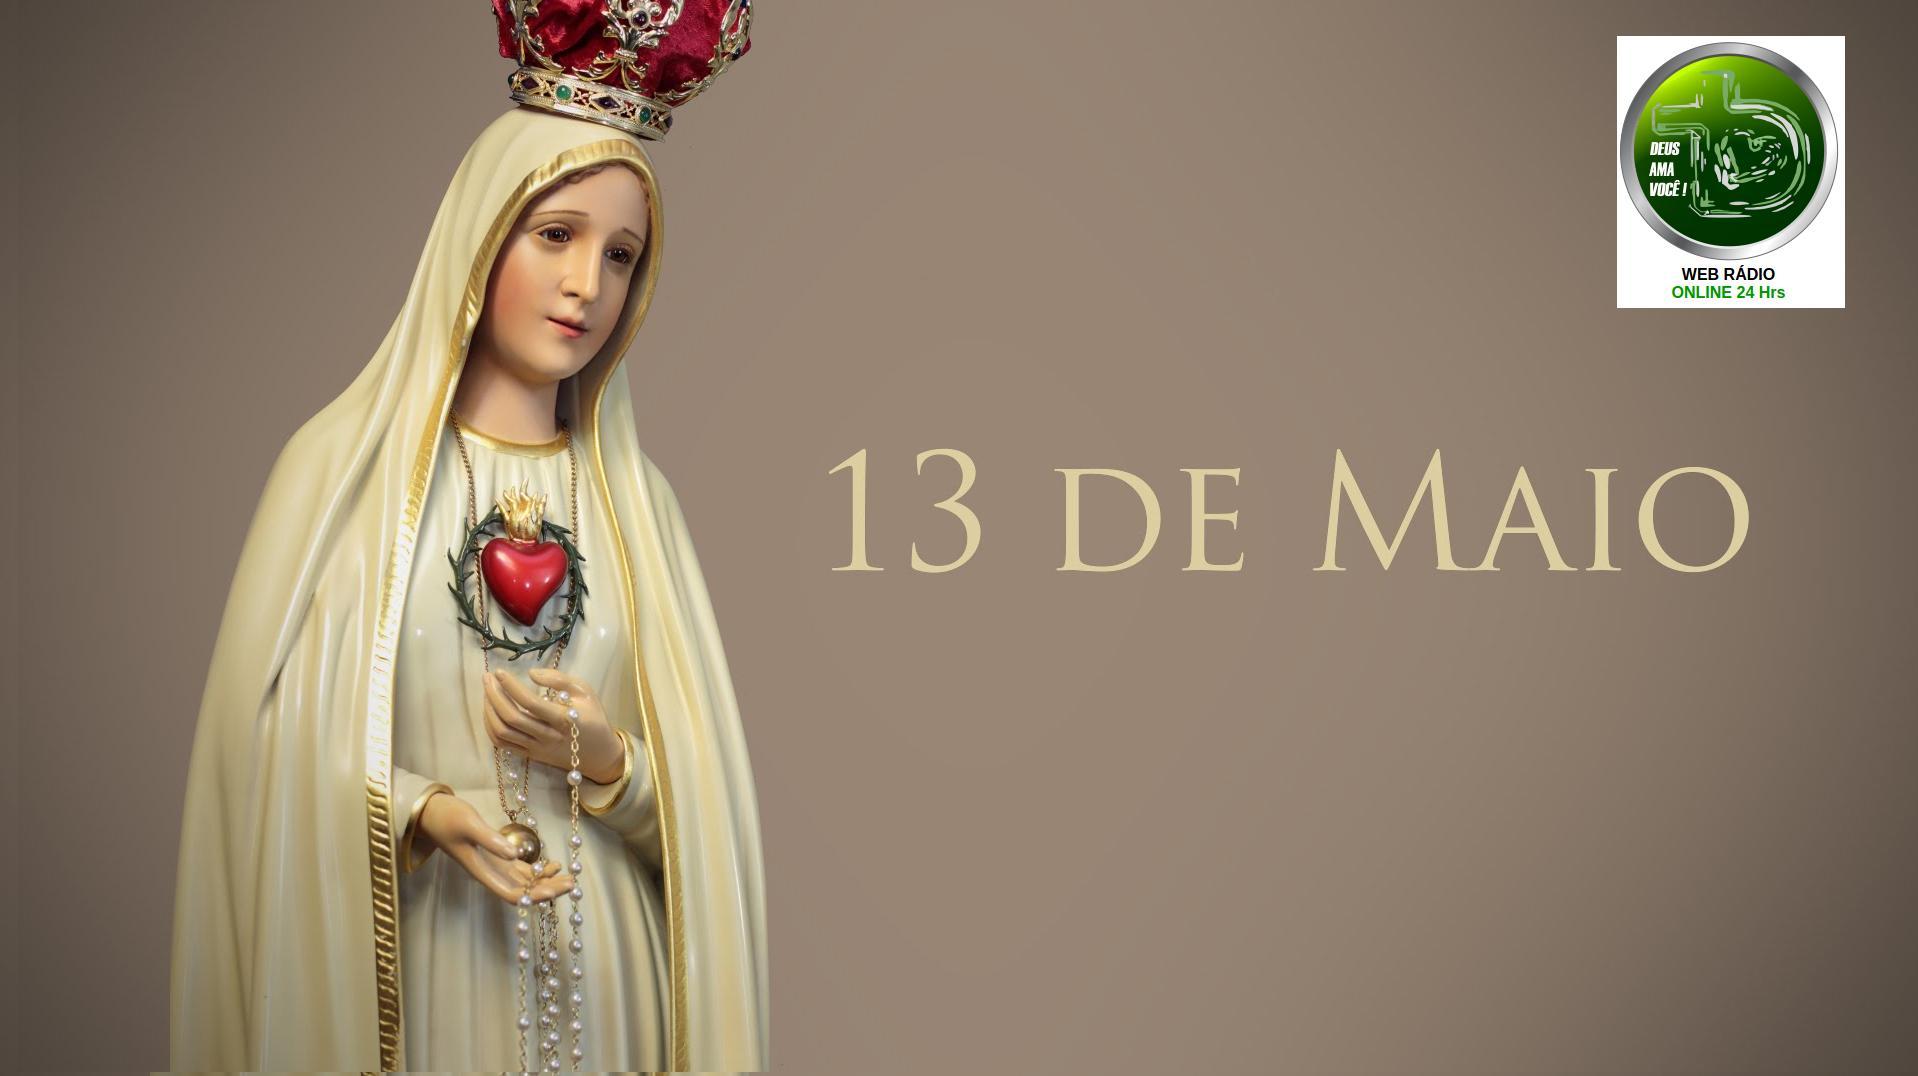 5 Marcantes Frases De Nossa Senhora De Fátima